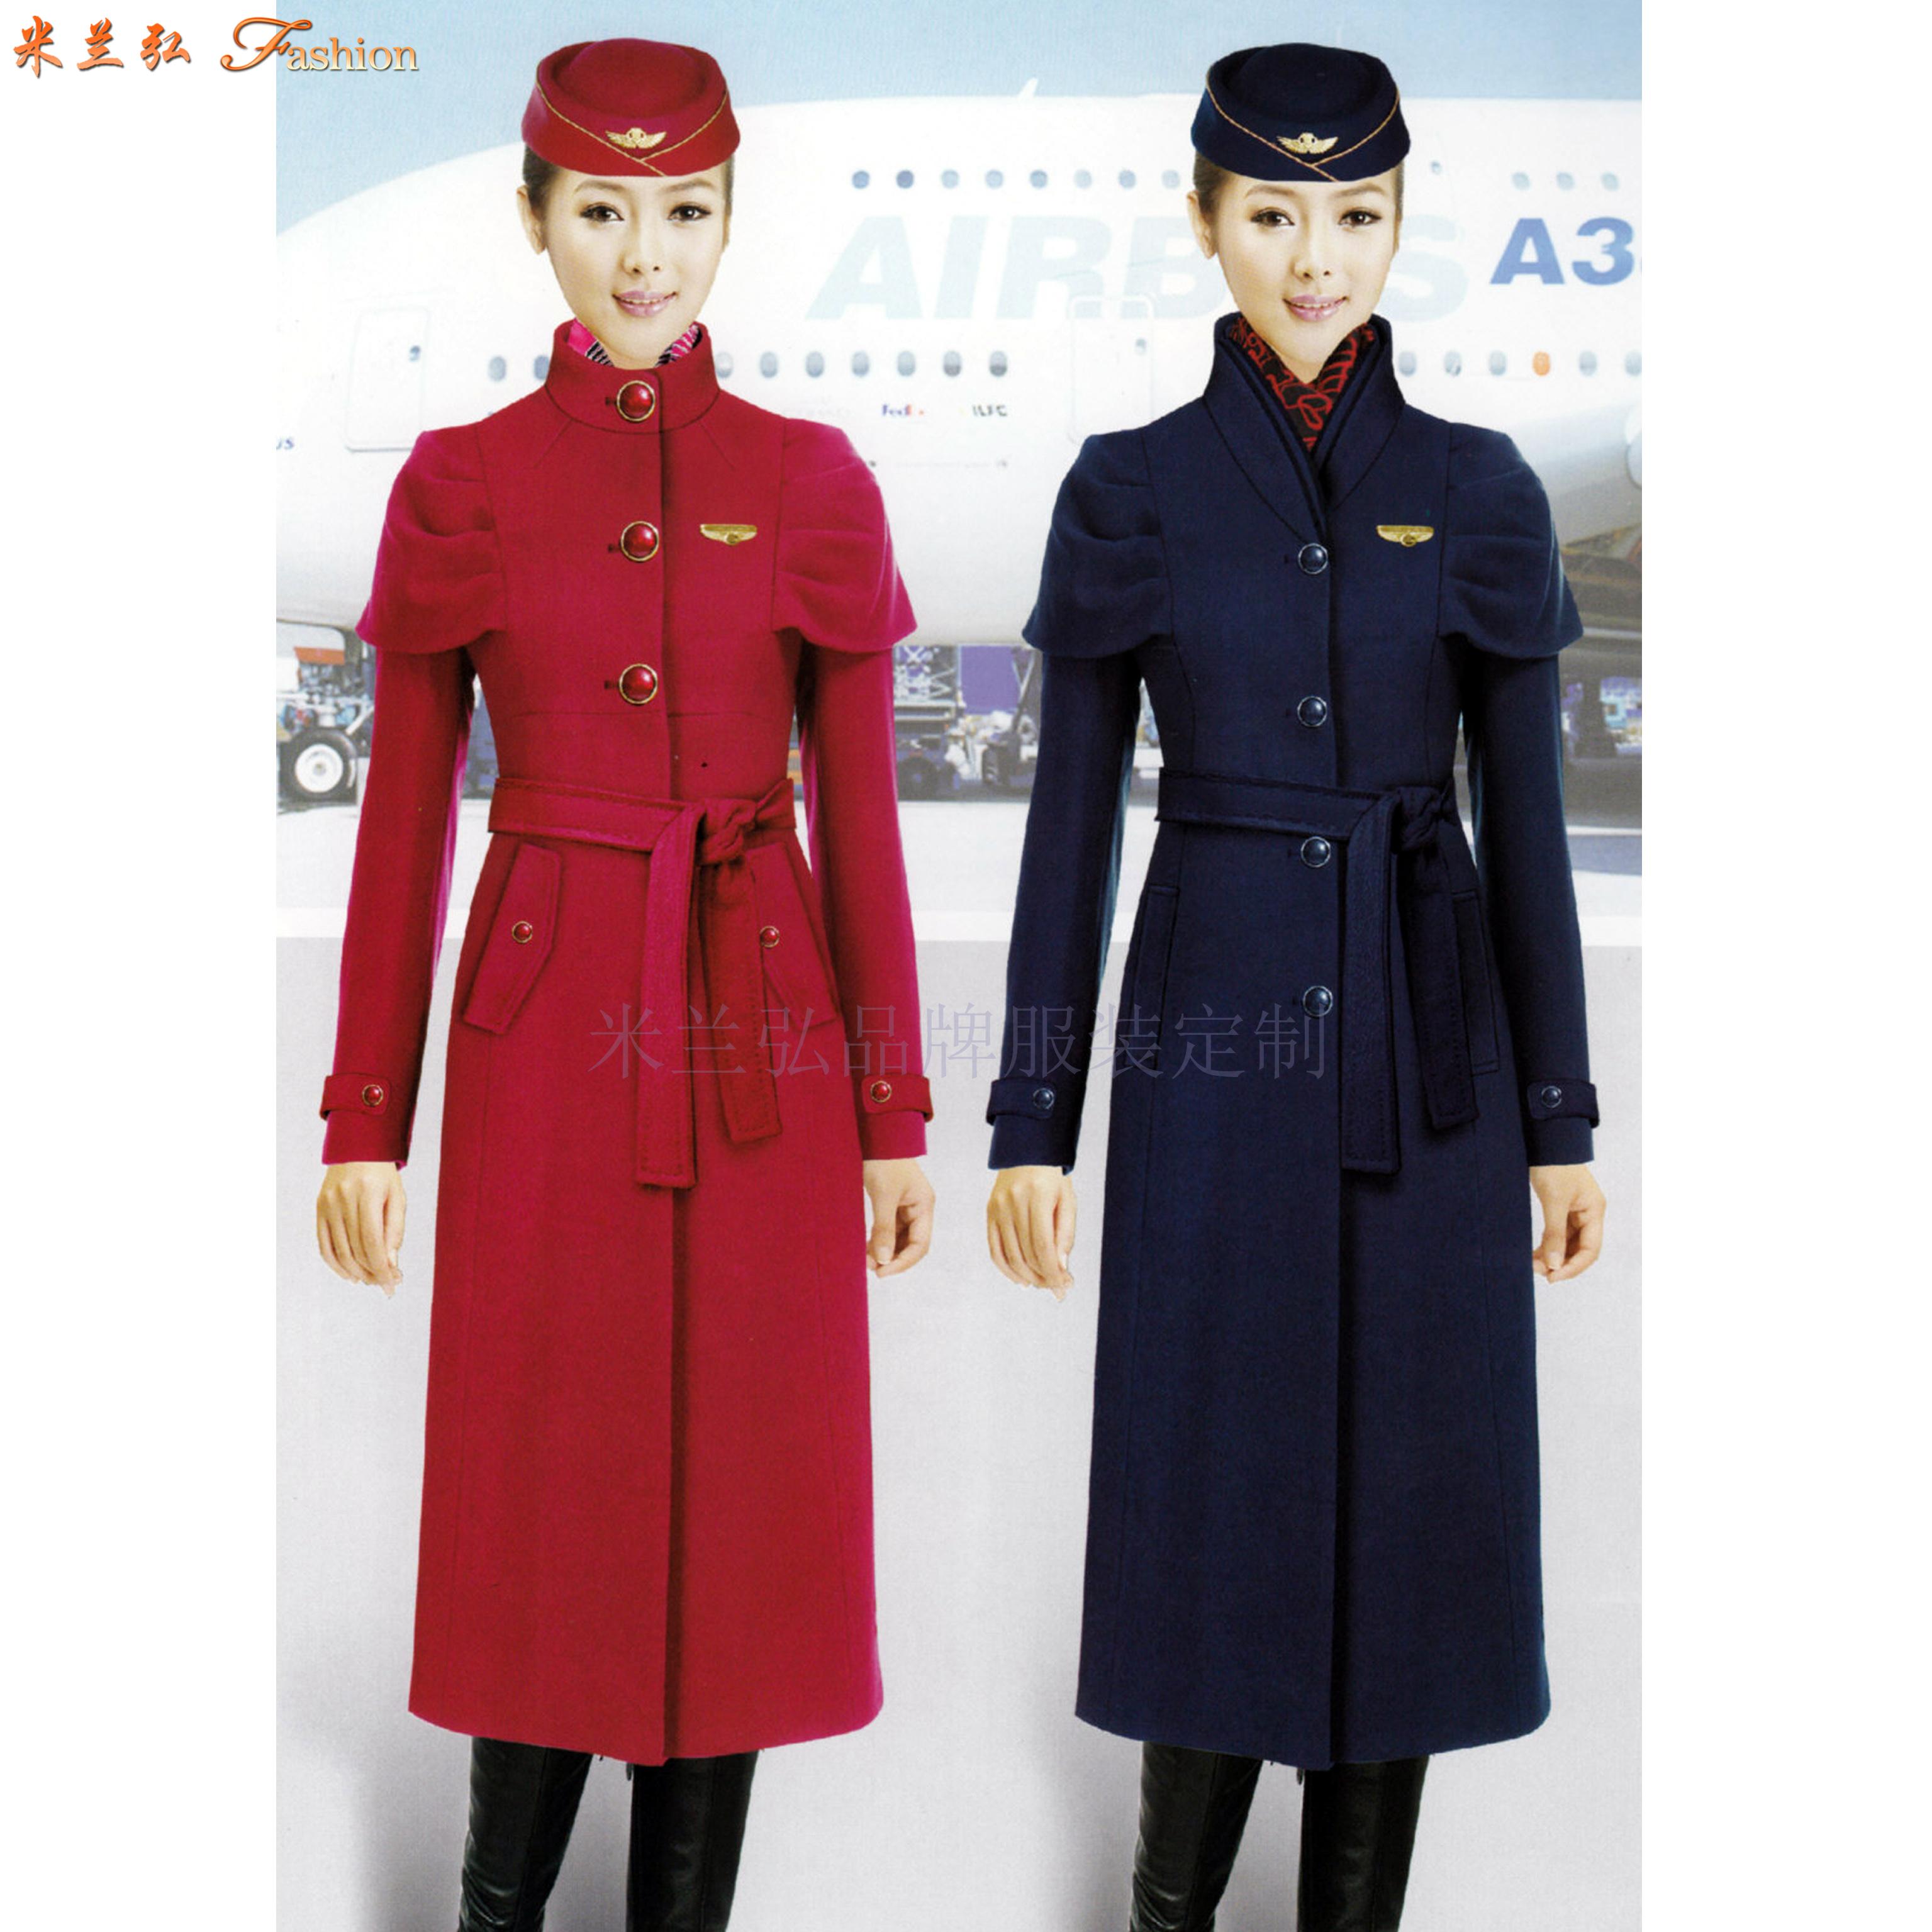 「航空大衣」量身定制各大航空公司的冬季大衣-米蘭弘服裝-2